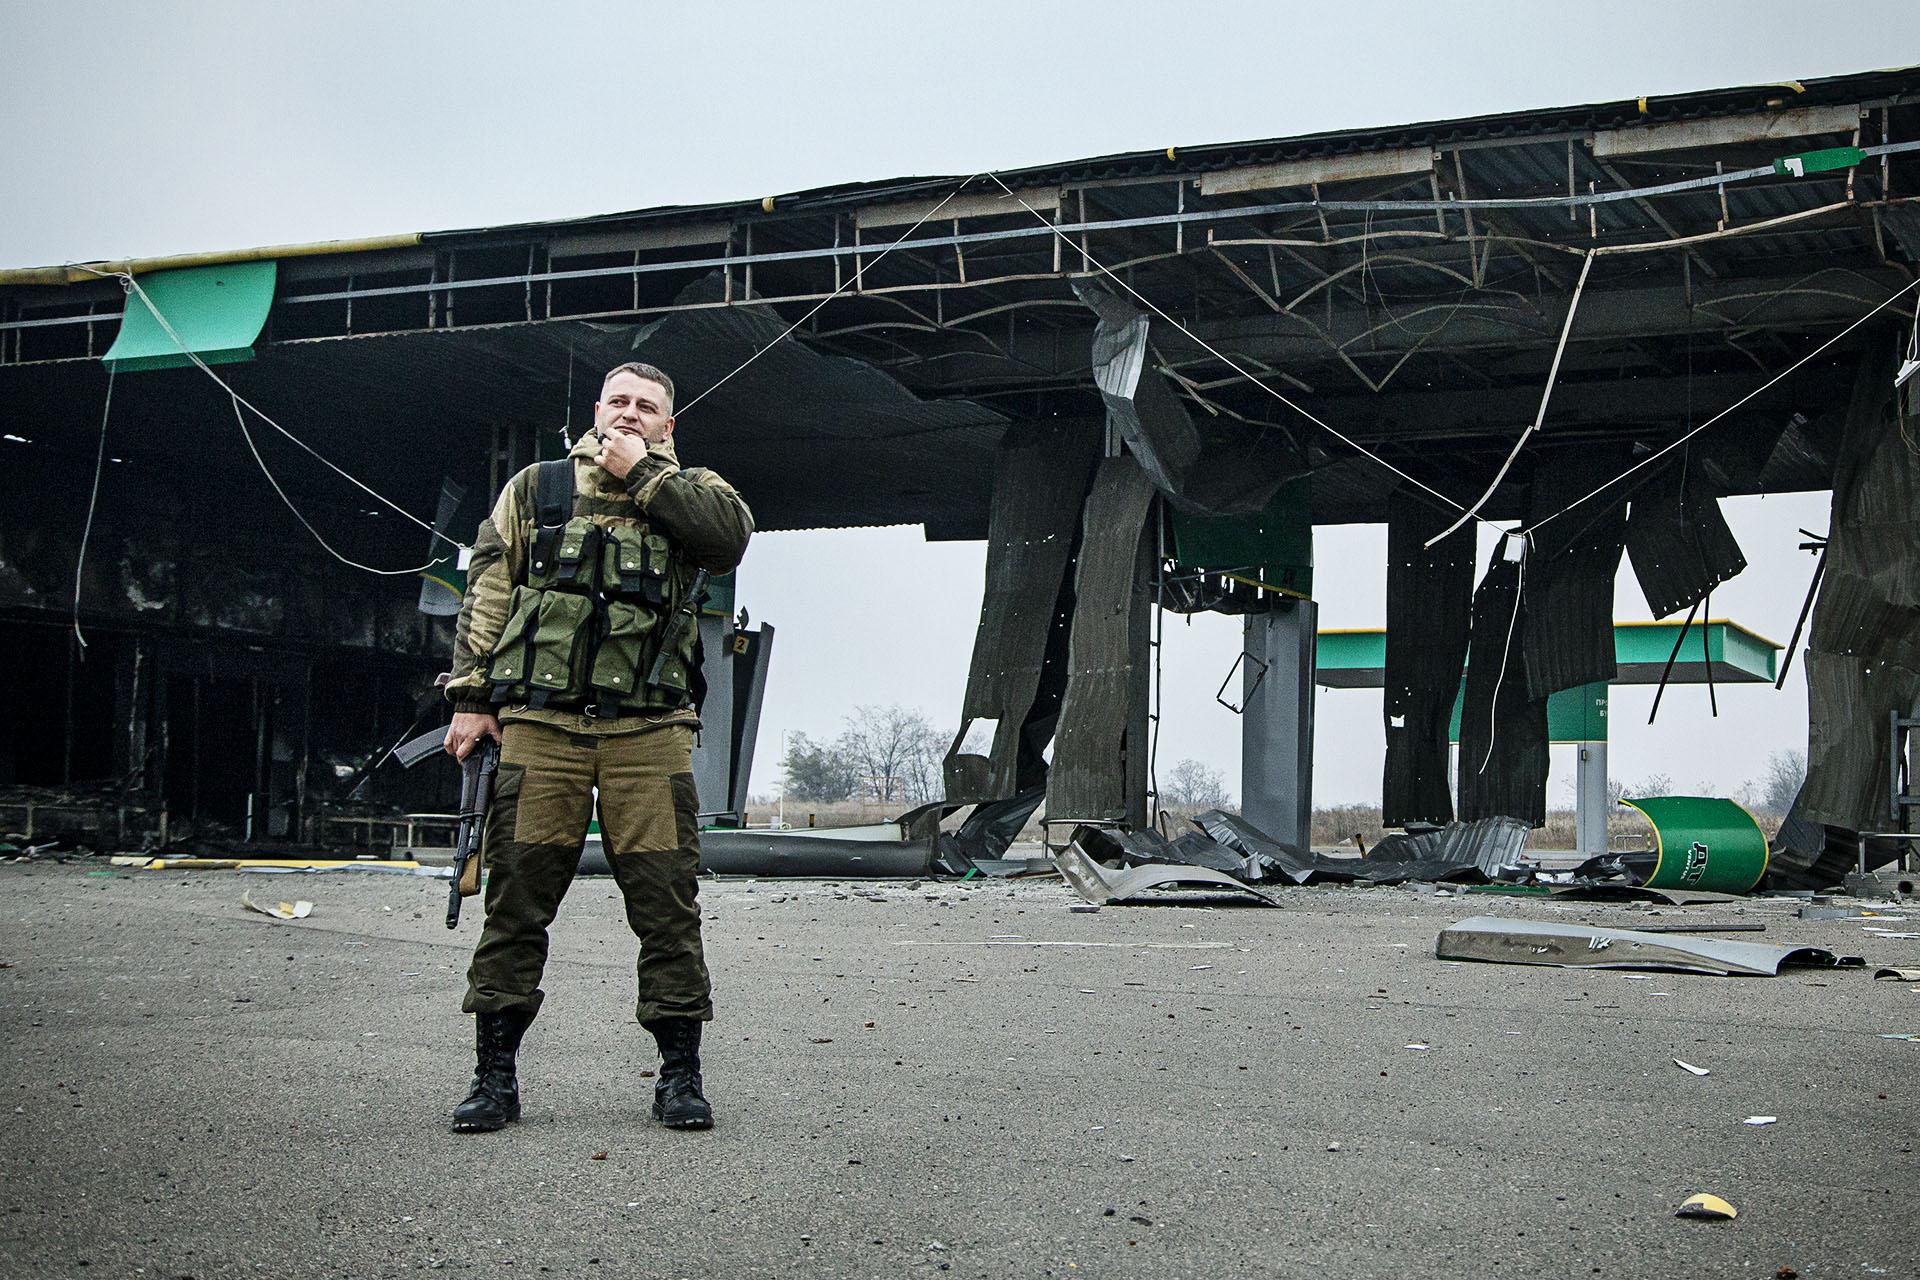 """""""Krest"""", uno de los comandantes del batallón """"Vostok"""", ante una gasolinera destruída durante los conflictos con las tropas ucranianas"""